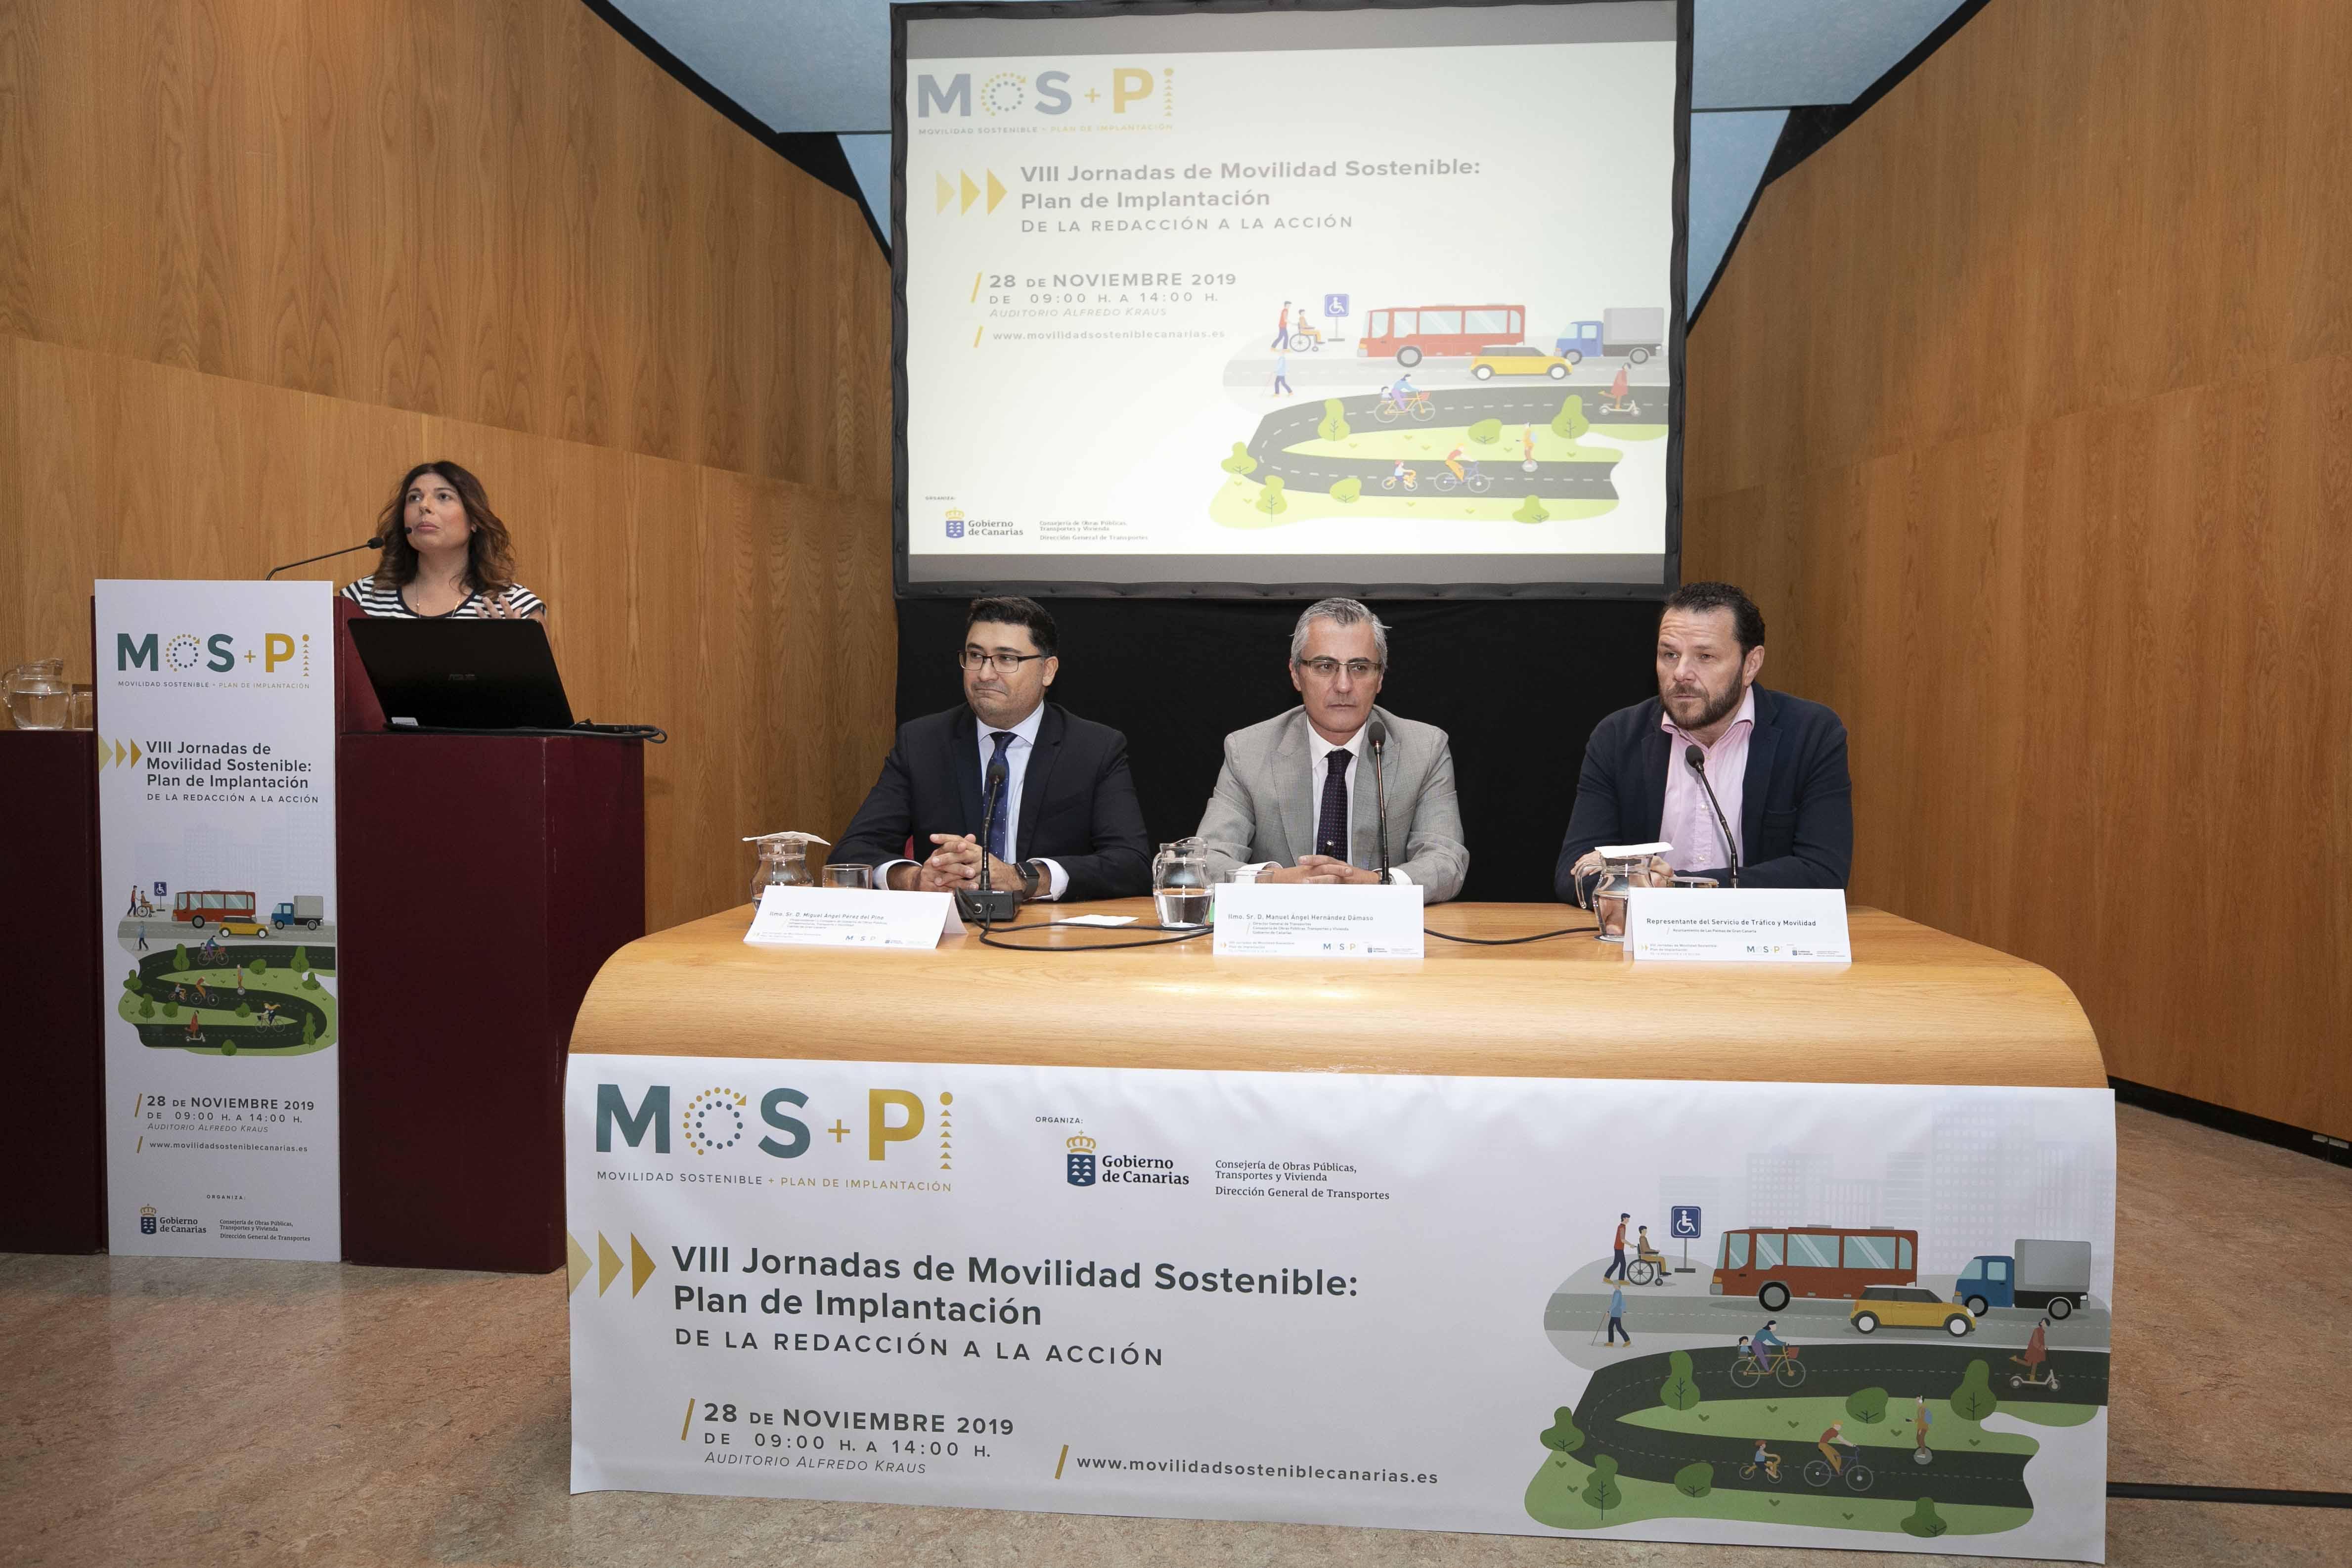 La Consejería de Obras Públicas, Transportes y Vivienda fomenta la movilidad sostenible mediante unas jornadas